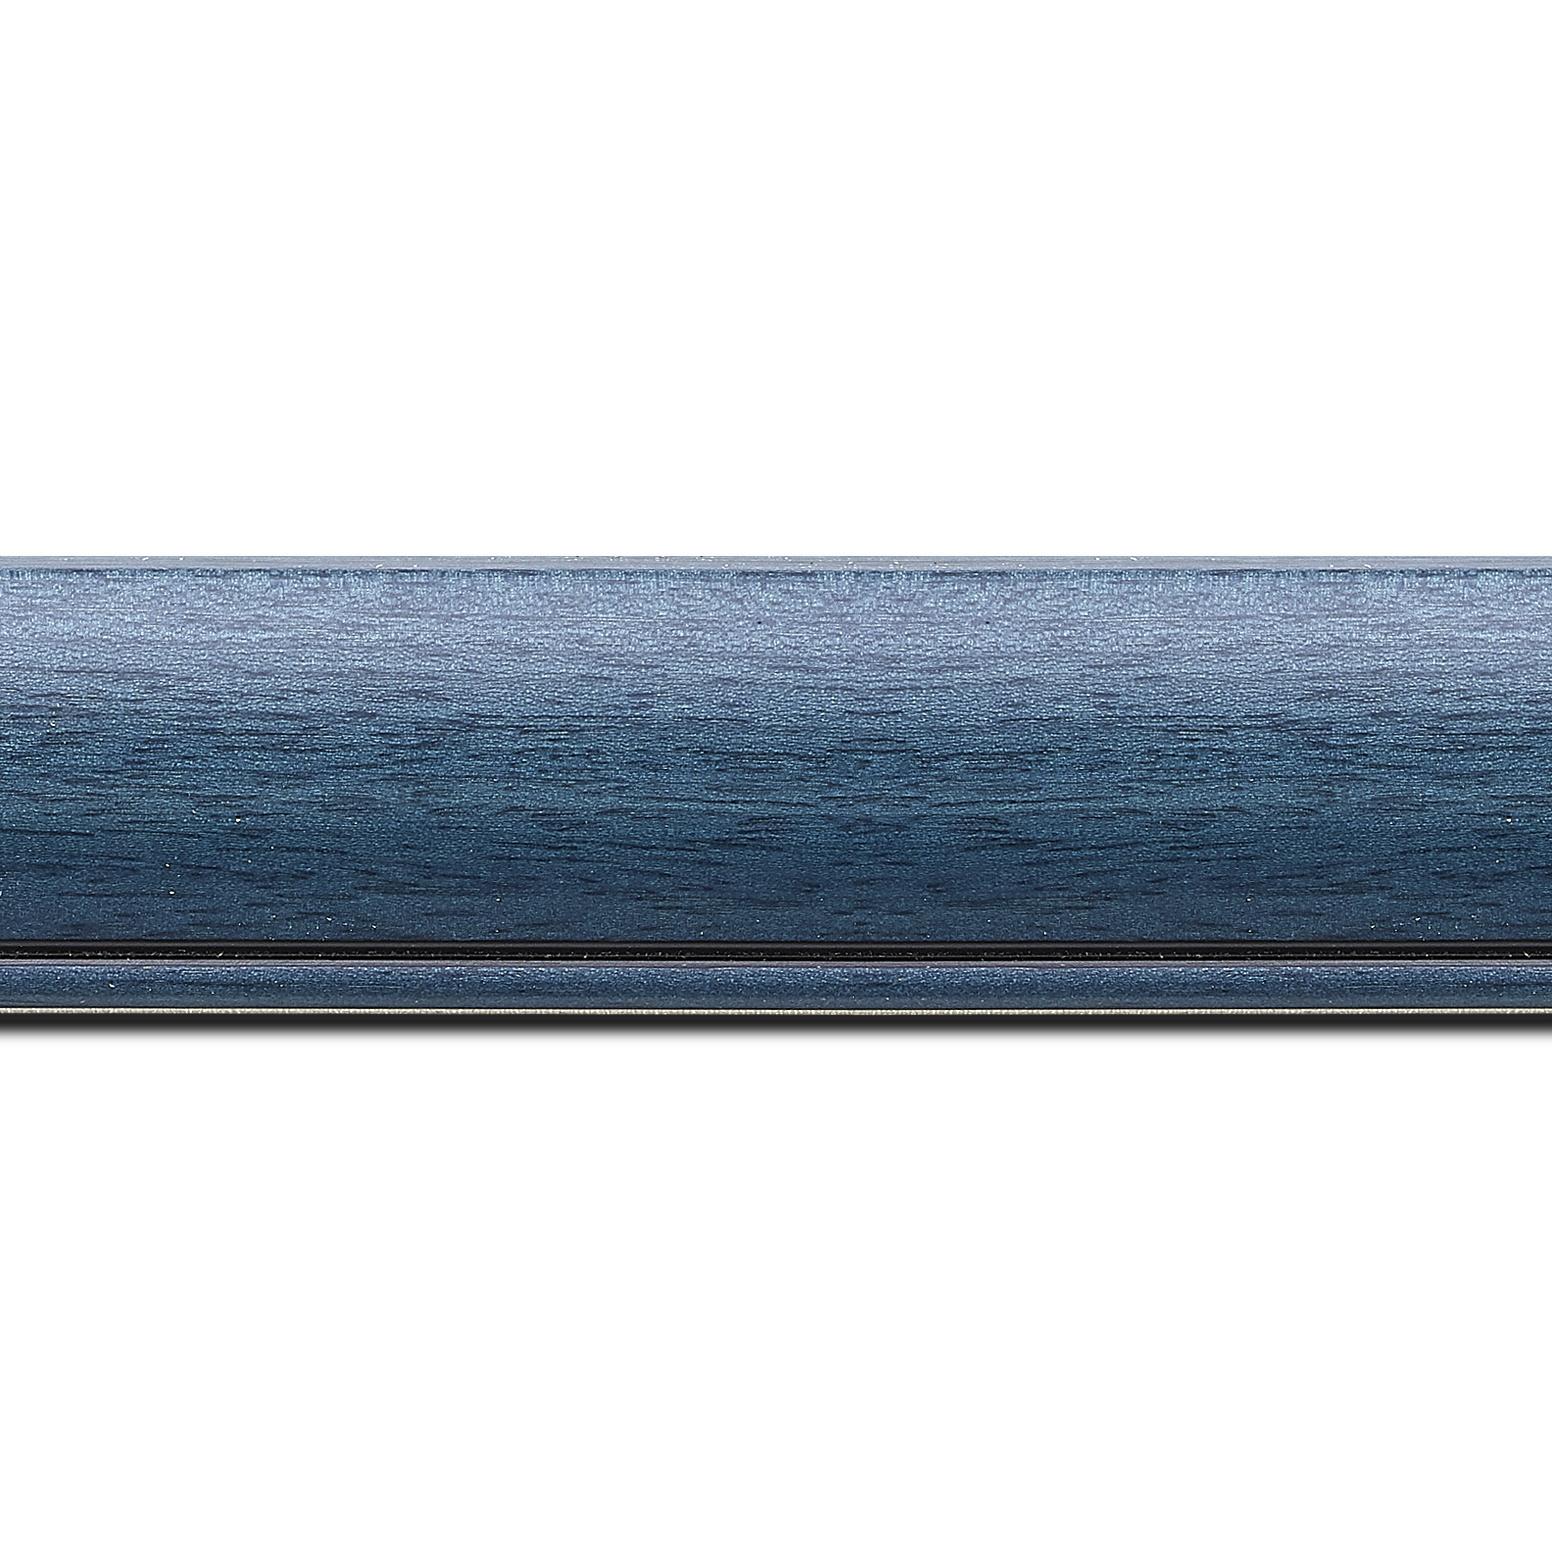 Baguette longueur 1.40m bois profil arrondi largeur 4.7cm couleur bleu cobalt satiné rehaussé d'un filet noir